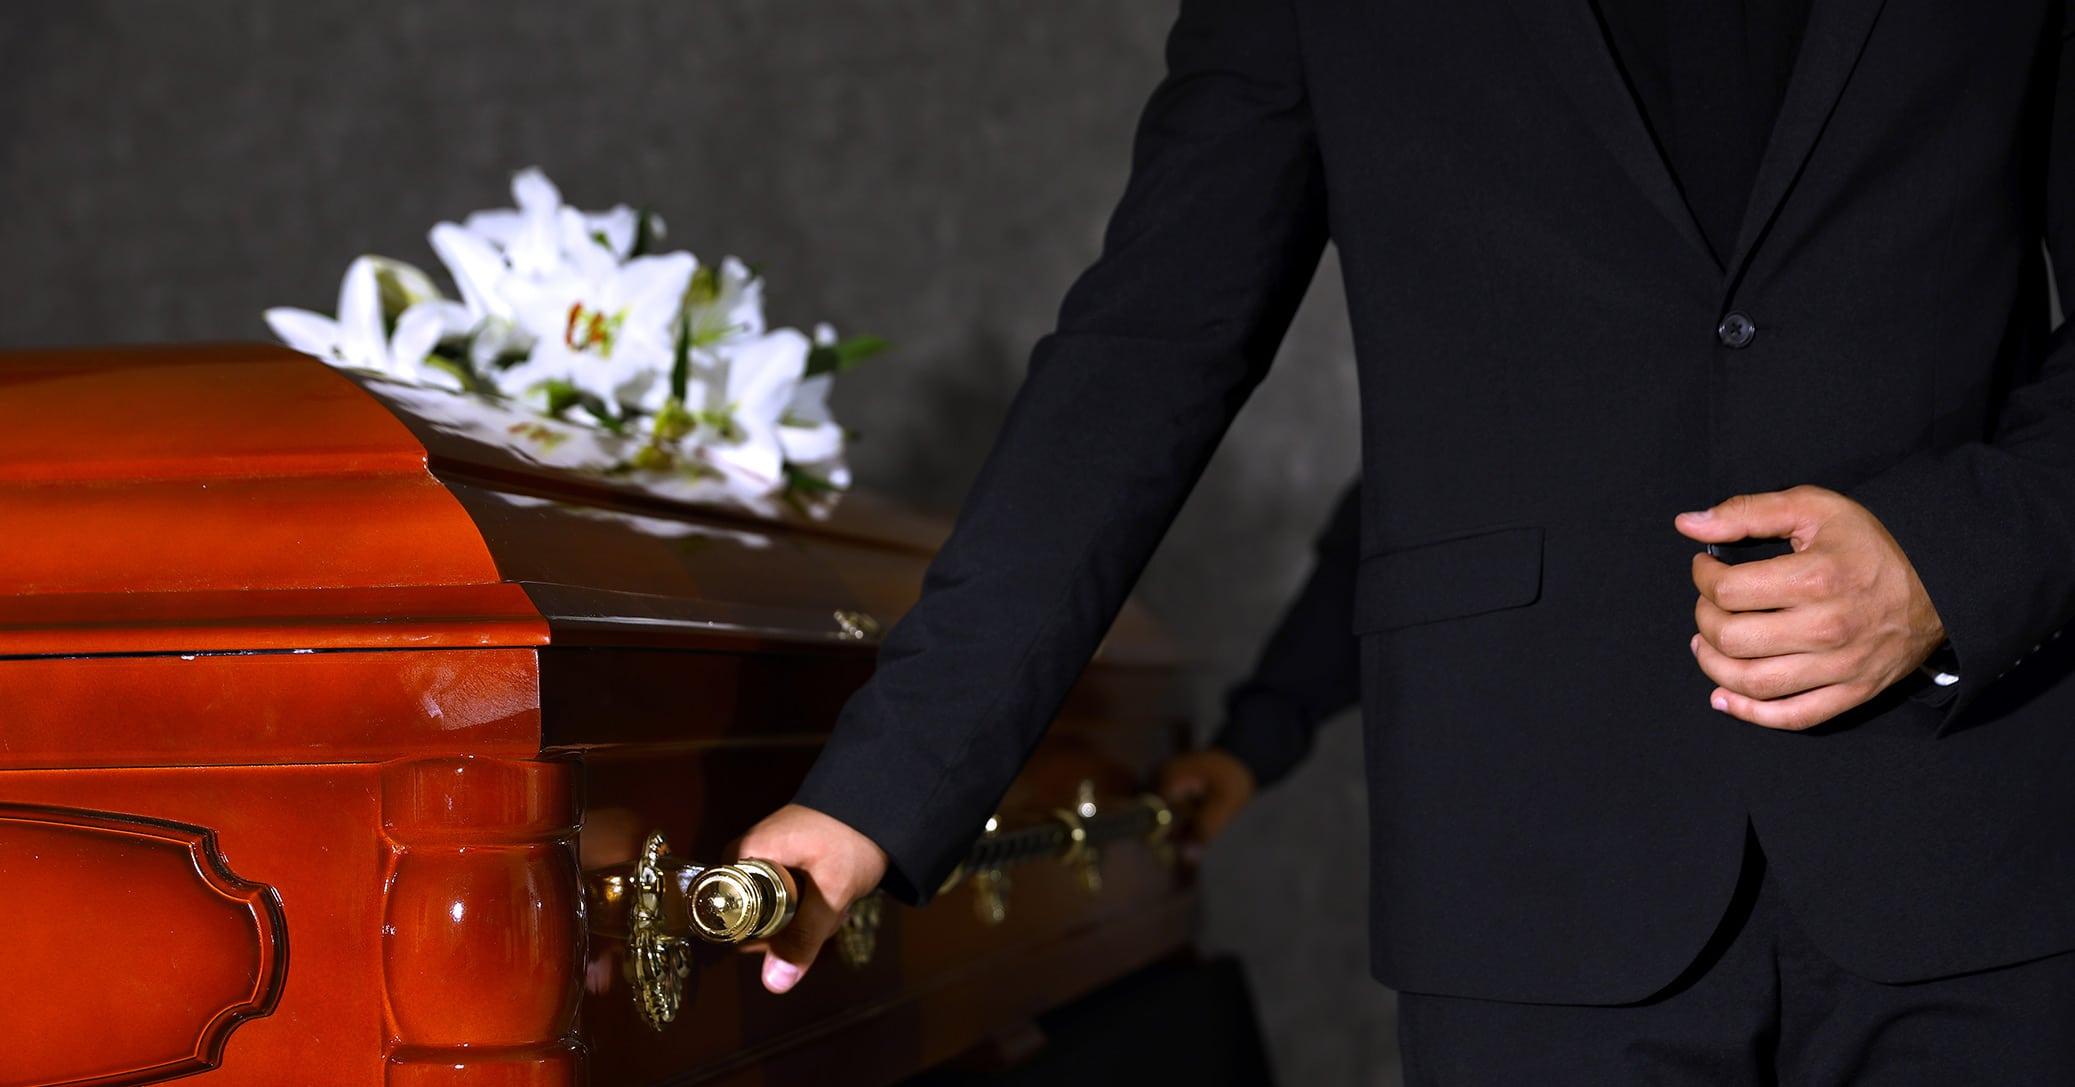 Comment devient-on porteur funéraire?